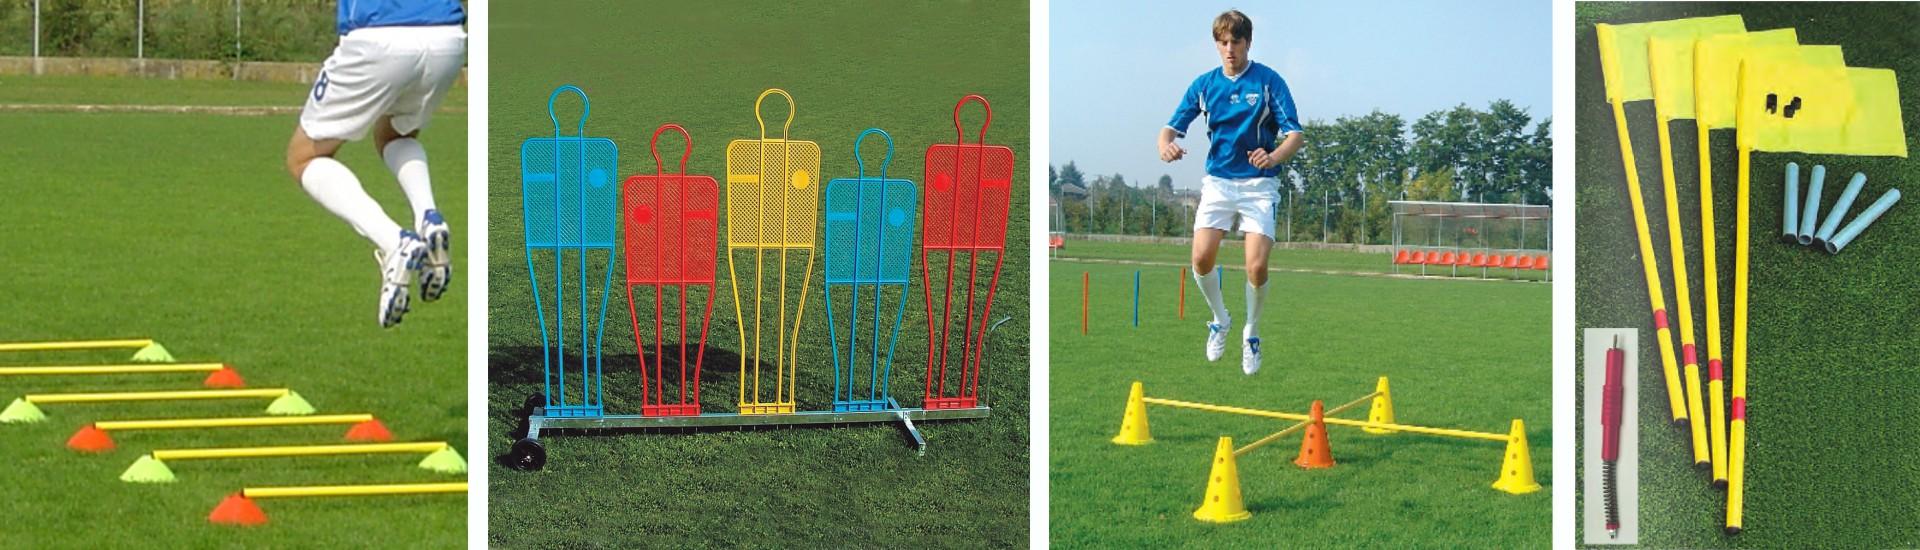 attrezzature allenamento per il calcio